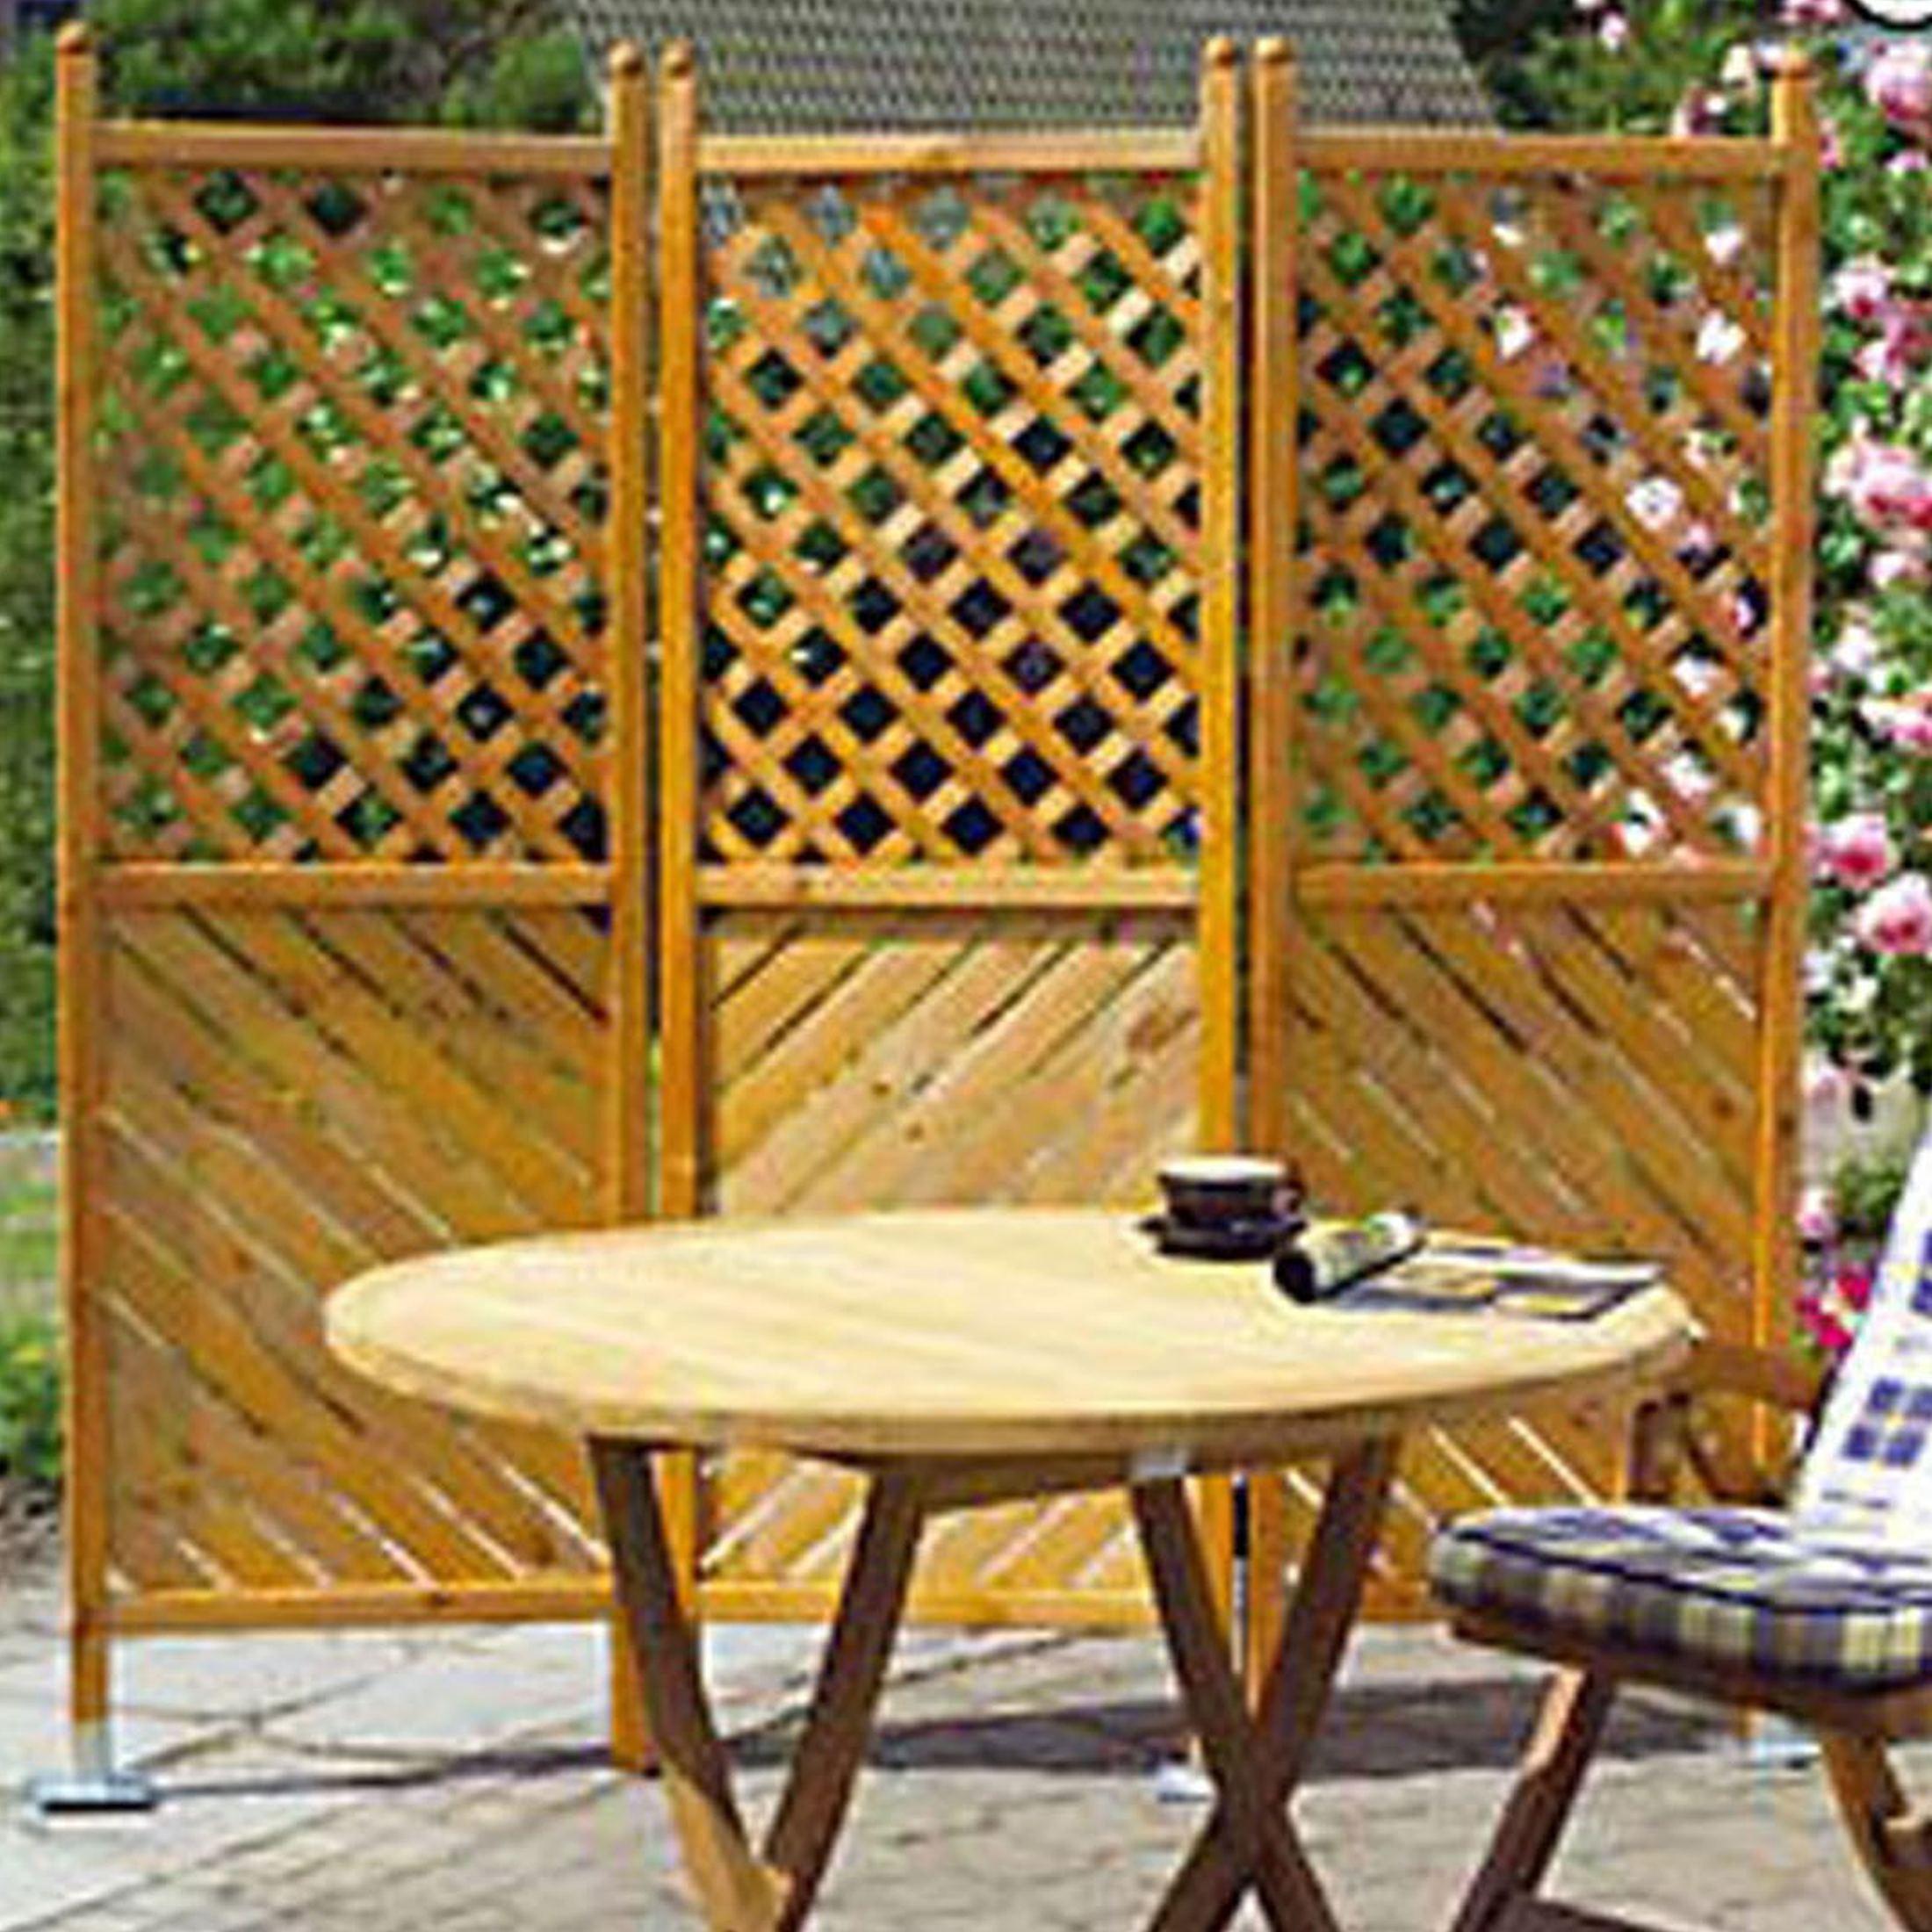 Full Size of Paravent Outdoor Metall Klappbare Holz Paravents Promondo Regal Weiß Bett Garten Küche Edelstahl Regale Kaufen Wohnzimmer Paravent Outdoor Metall